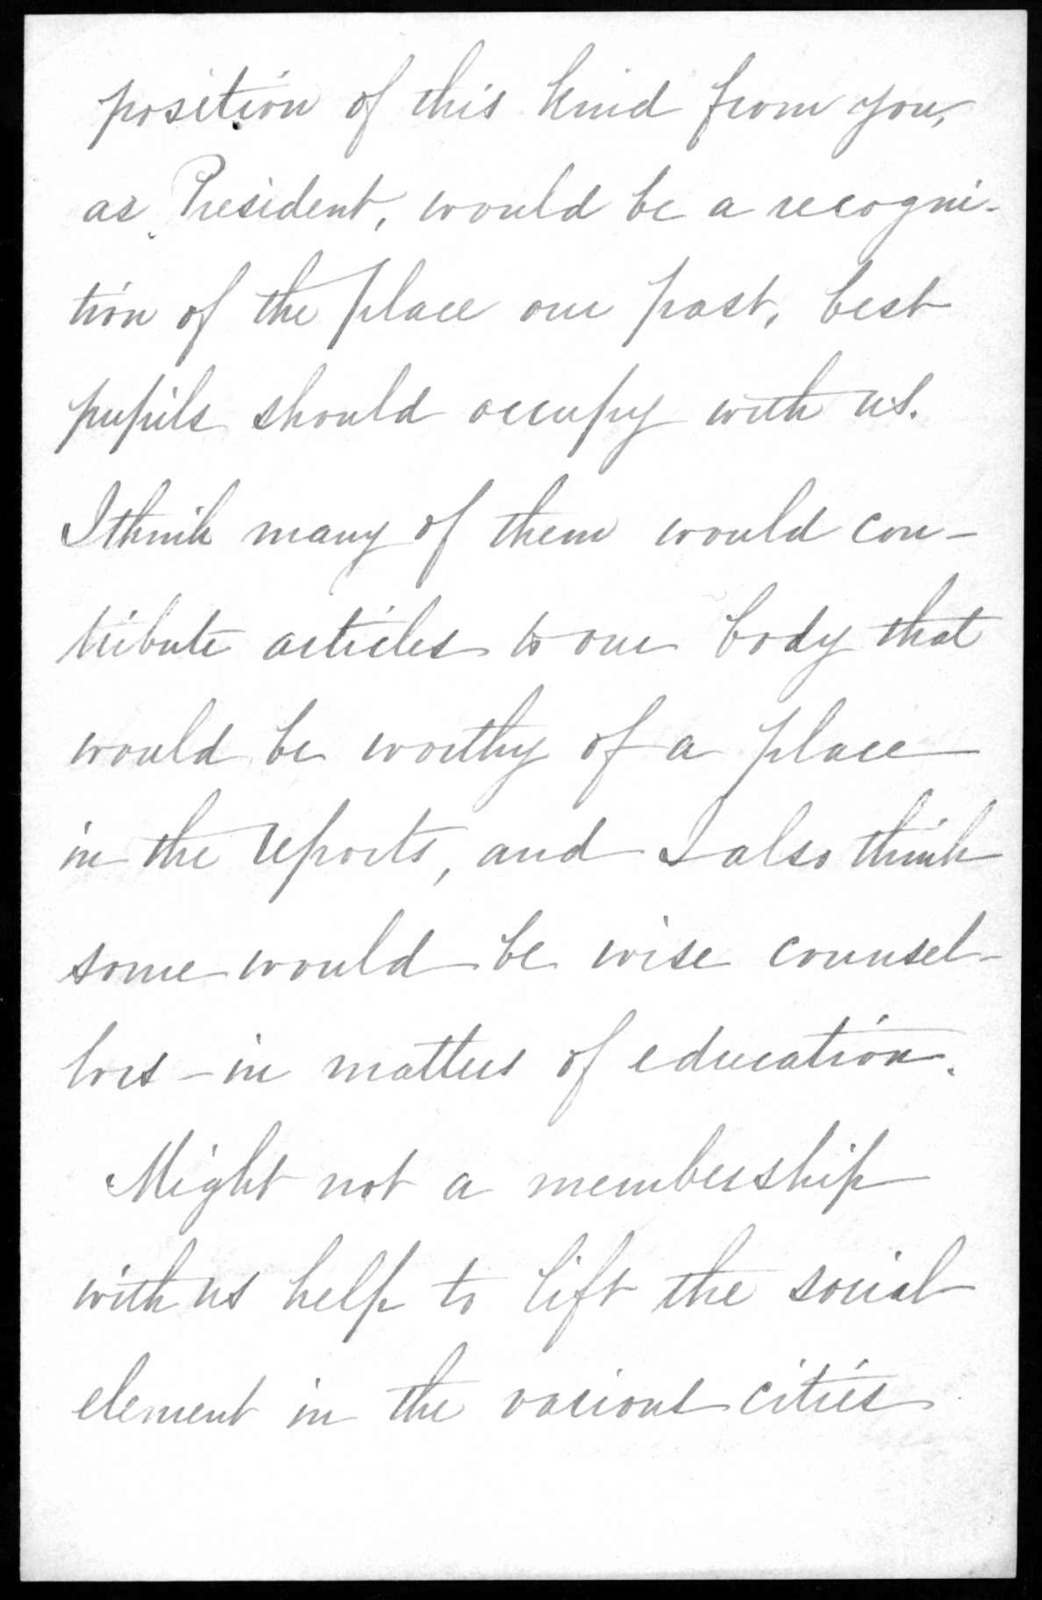 Letter from Sarah Fuller to Alexander Graham Bell, November 18, 1892